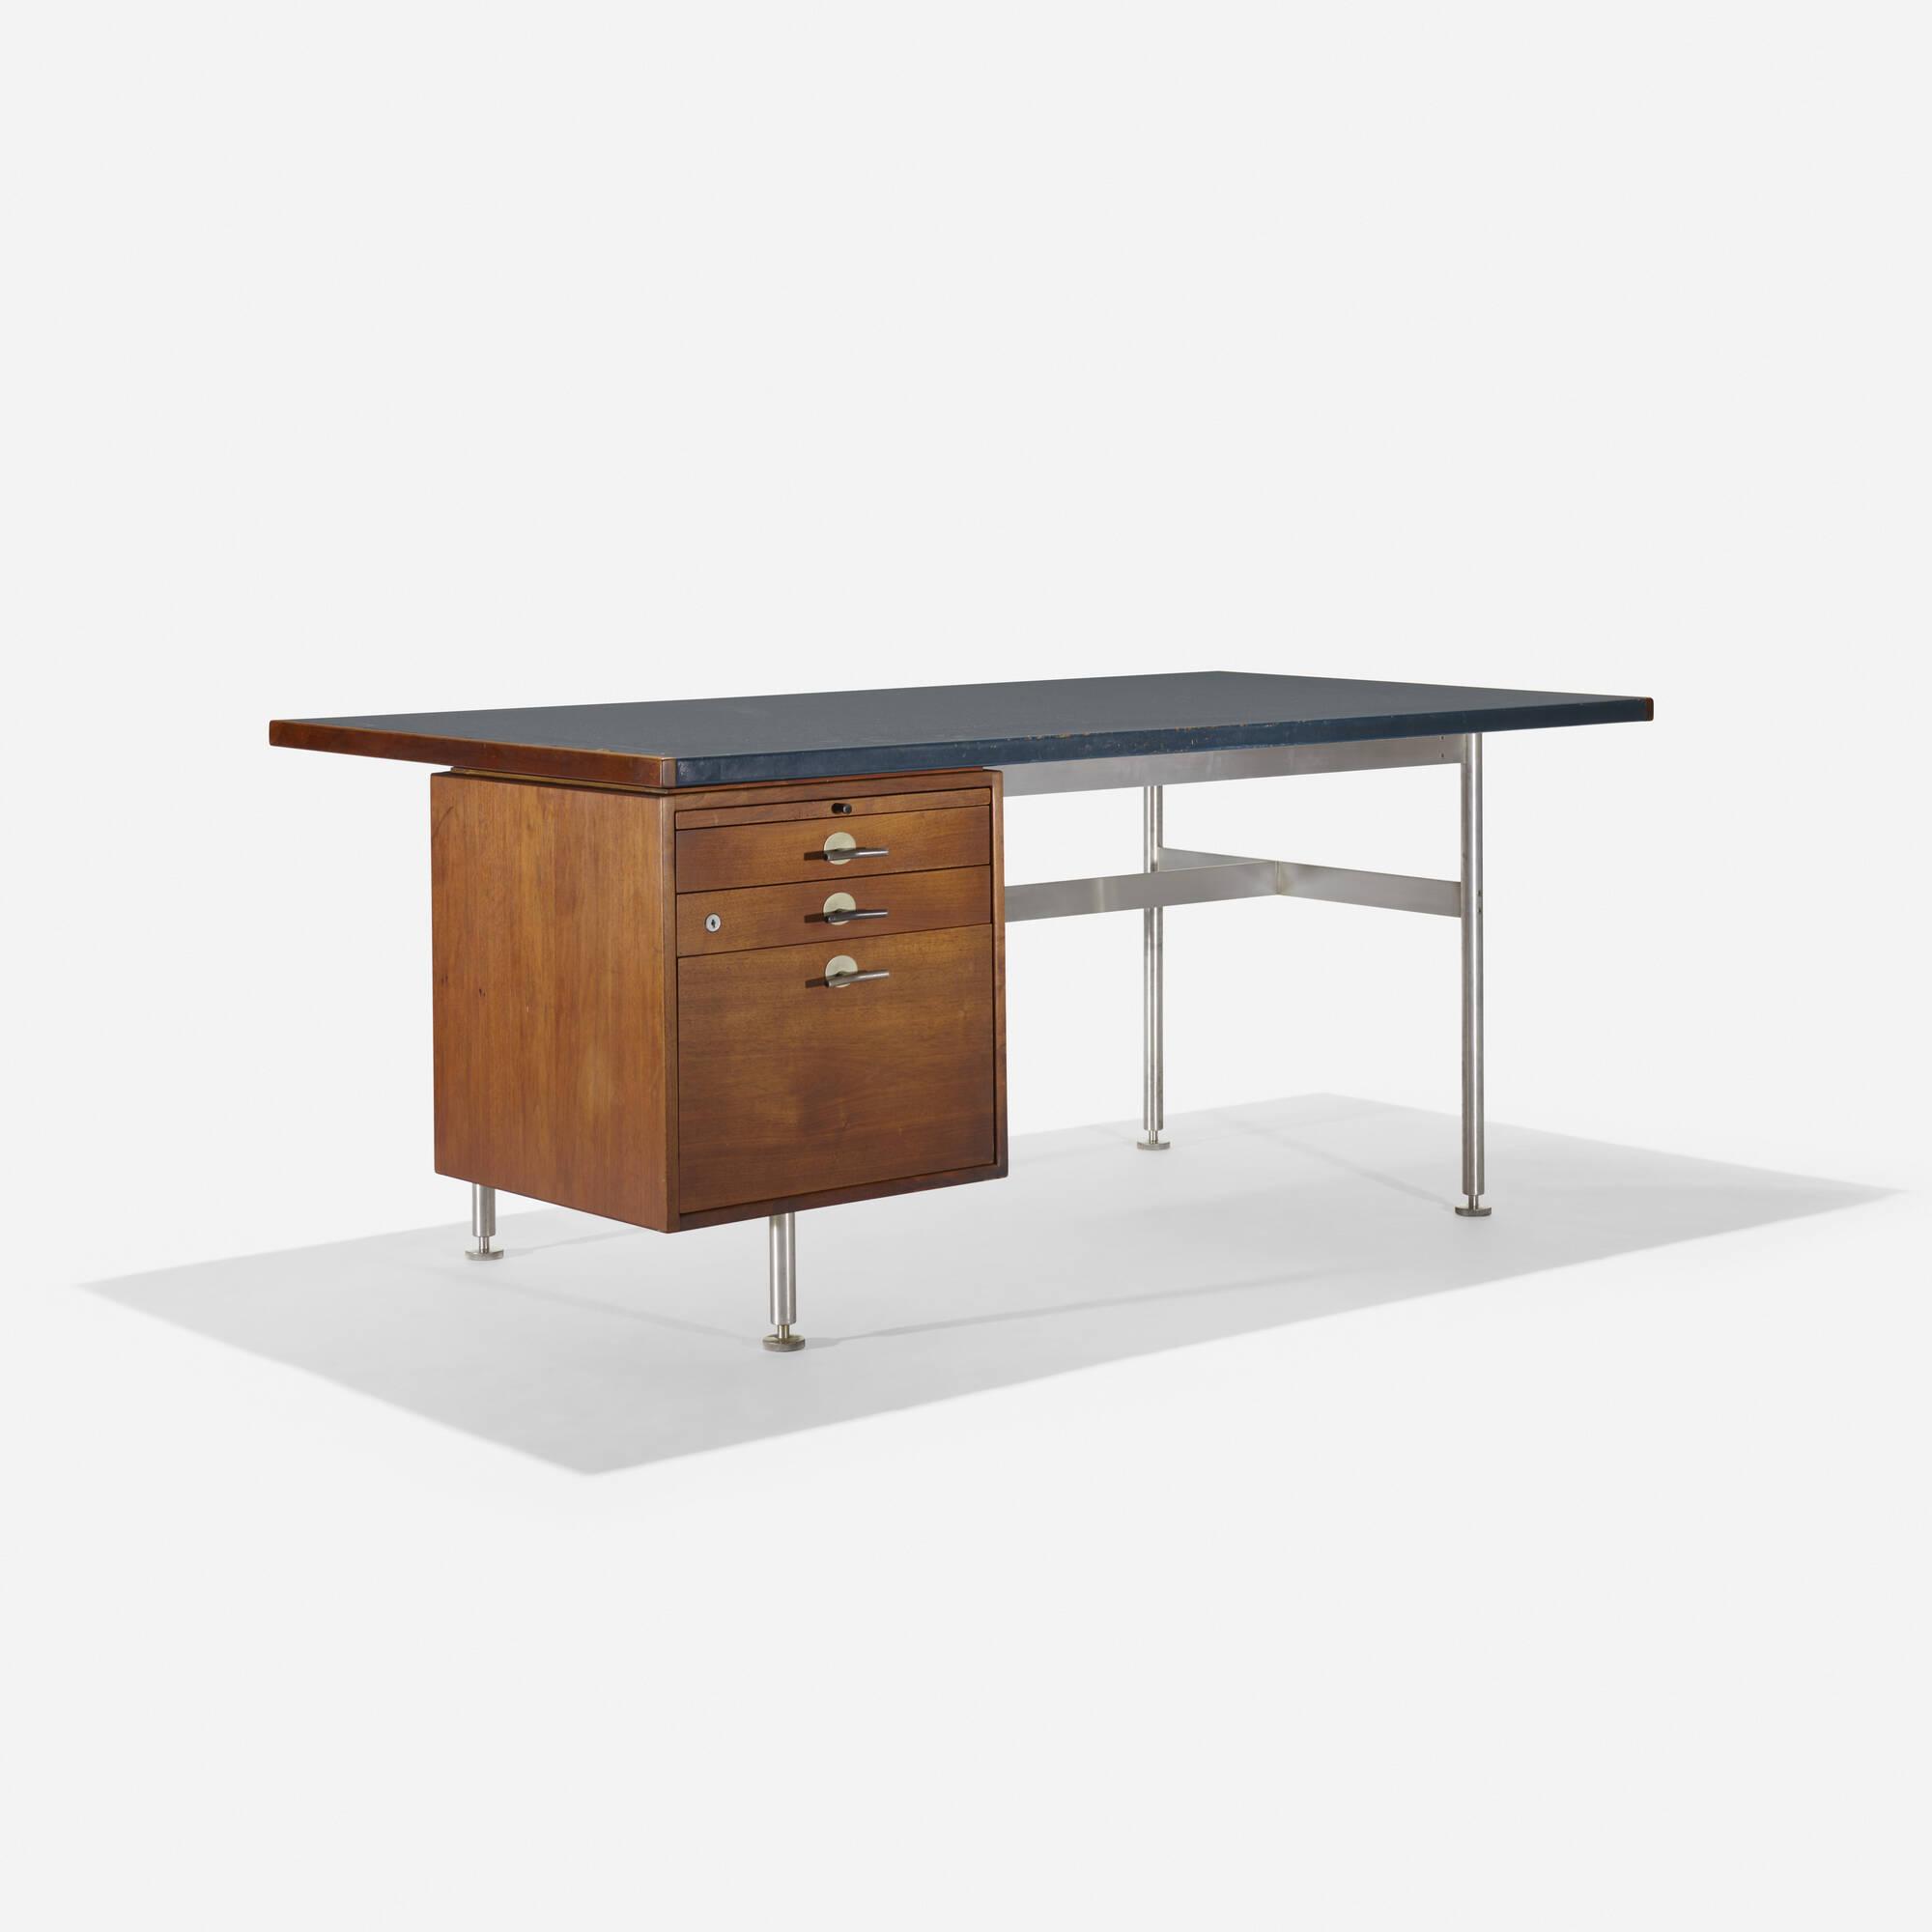 101: Jens Risom / desk (1 of 5)